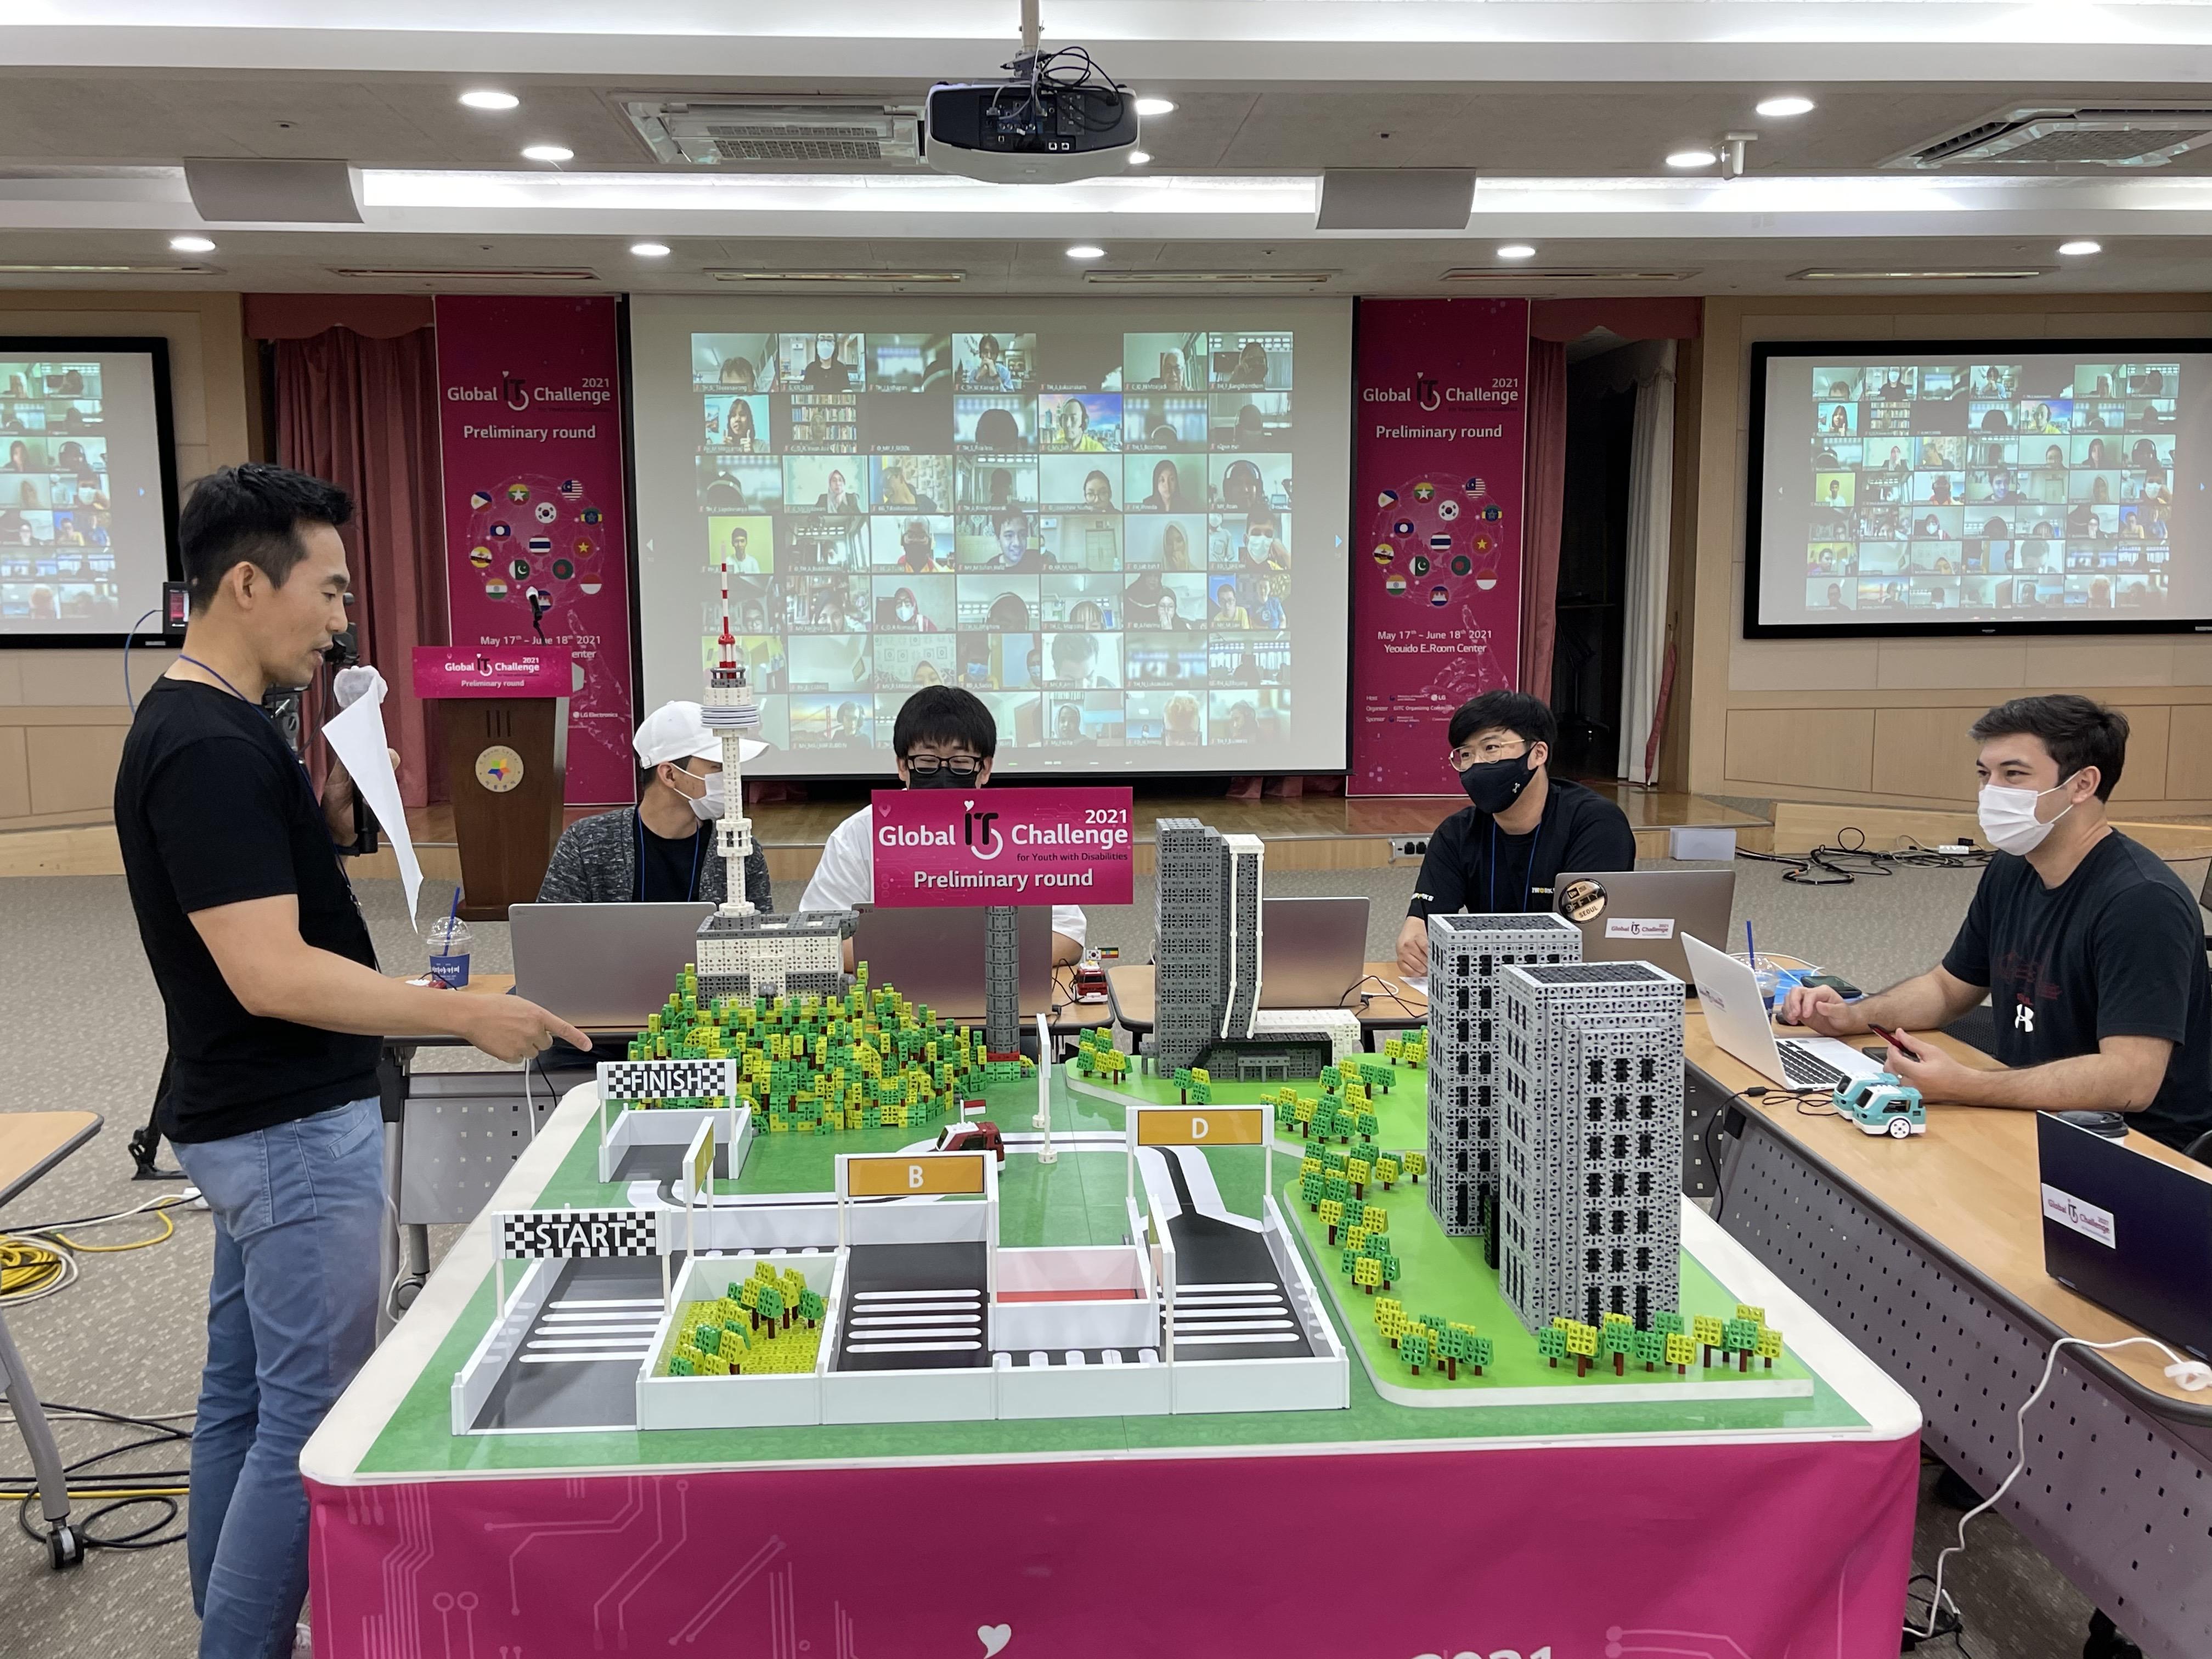 """""""Хөгжлийн бэрхшээлтэй залуусын IT-ын Дэлхийн сорилт-IT паралимпиад 2021"""" тэмцээний эцсийн шатны шалгаруулалт болно"""